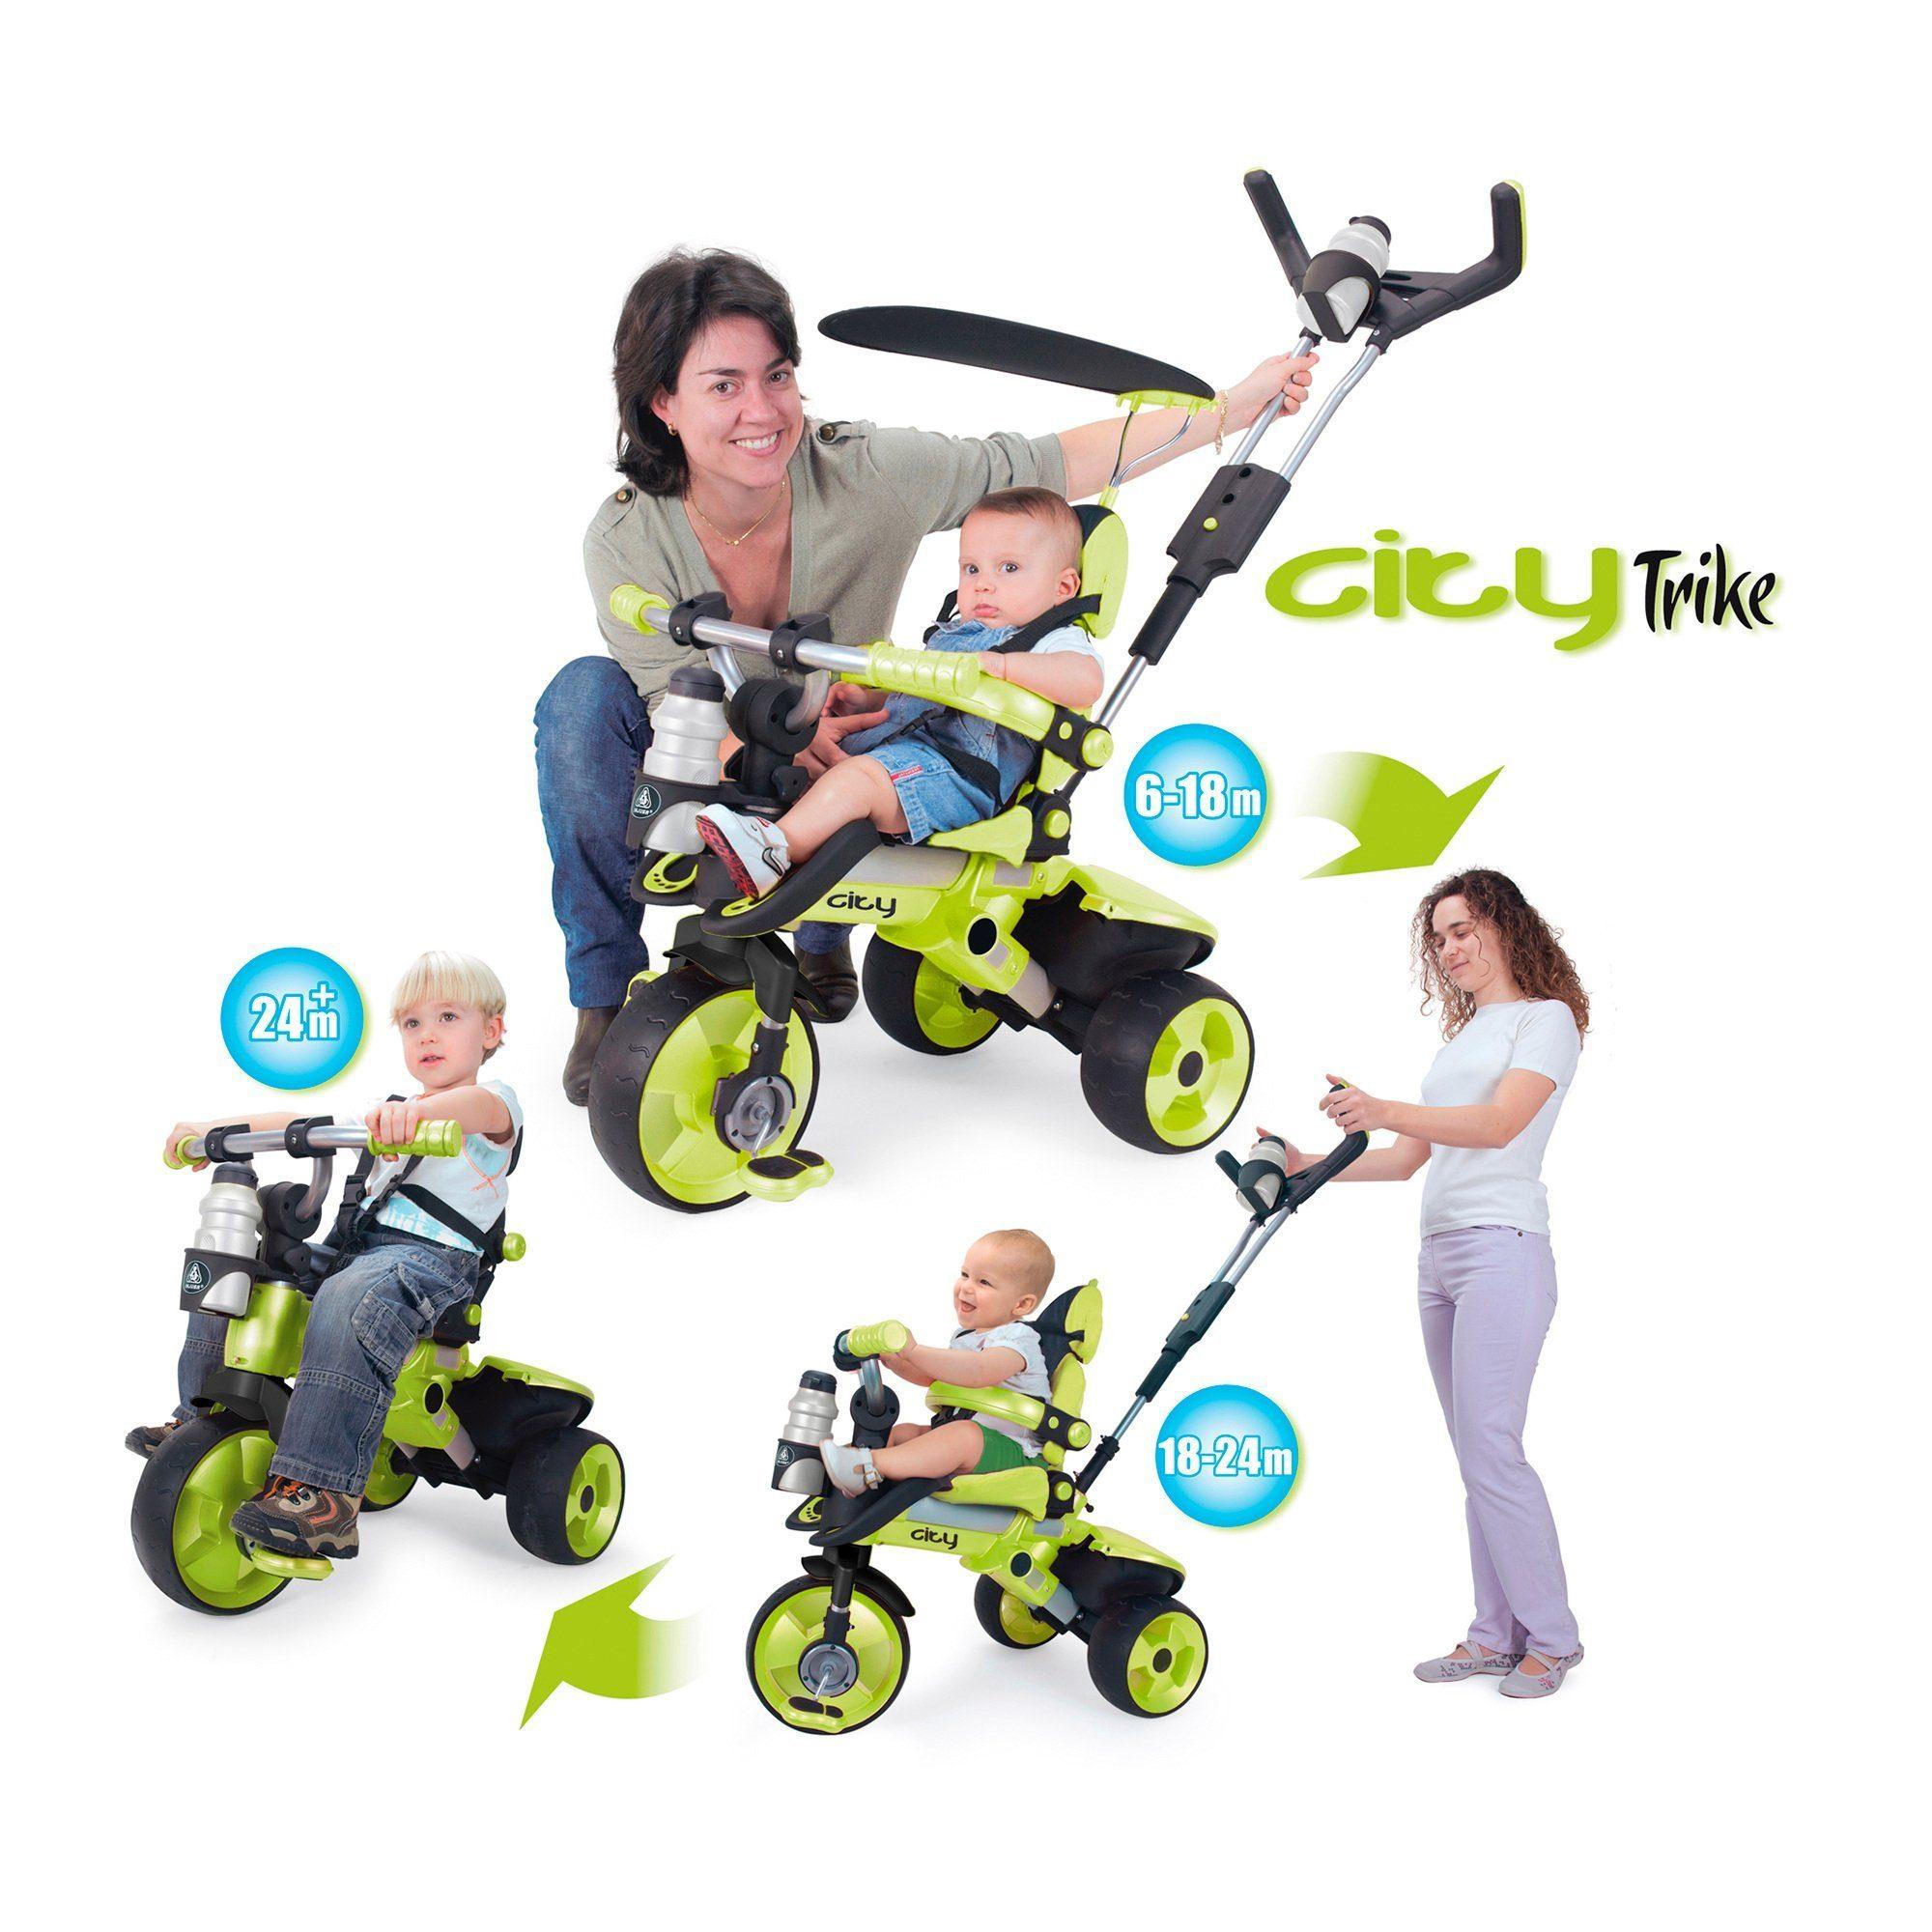 INJUSA Kinderwagen/Dreirad City